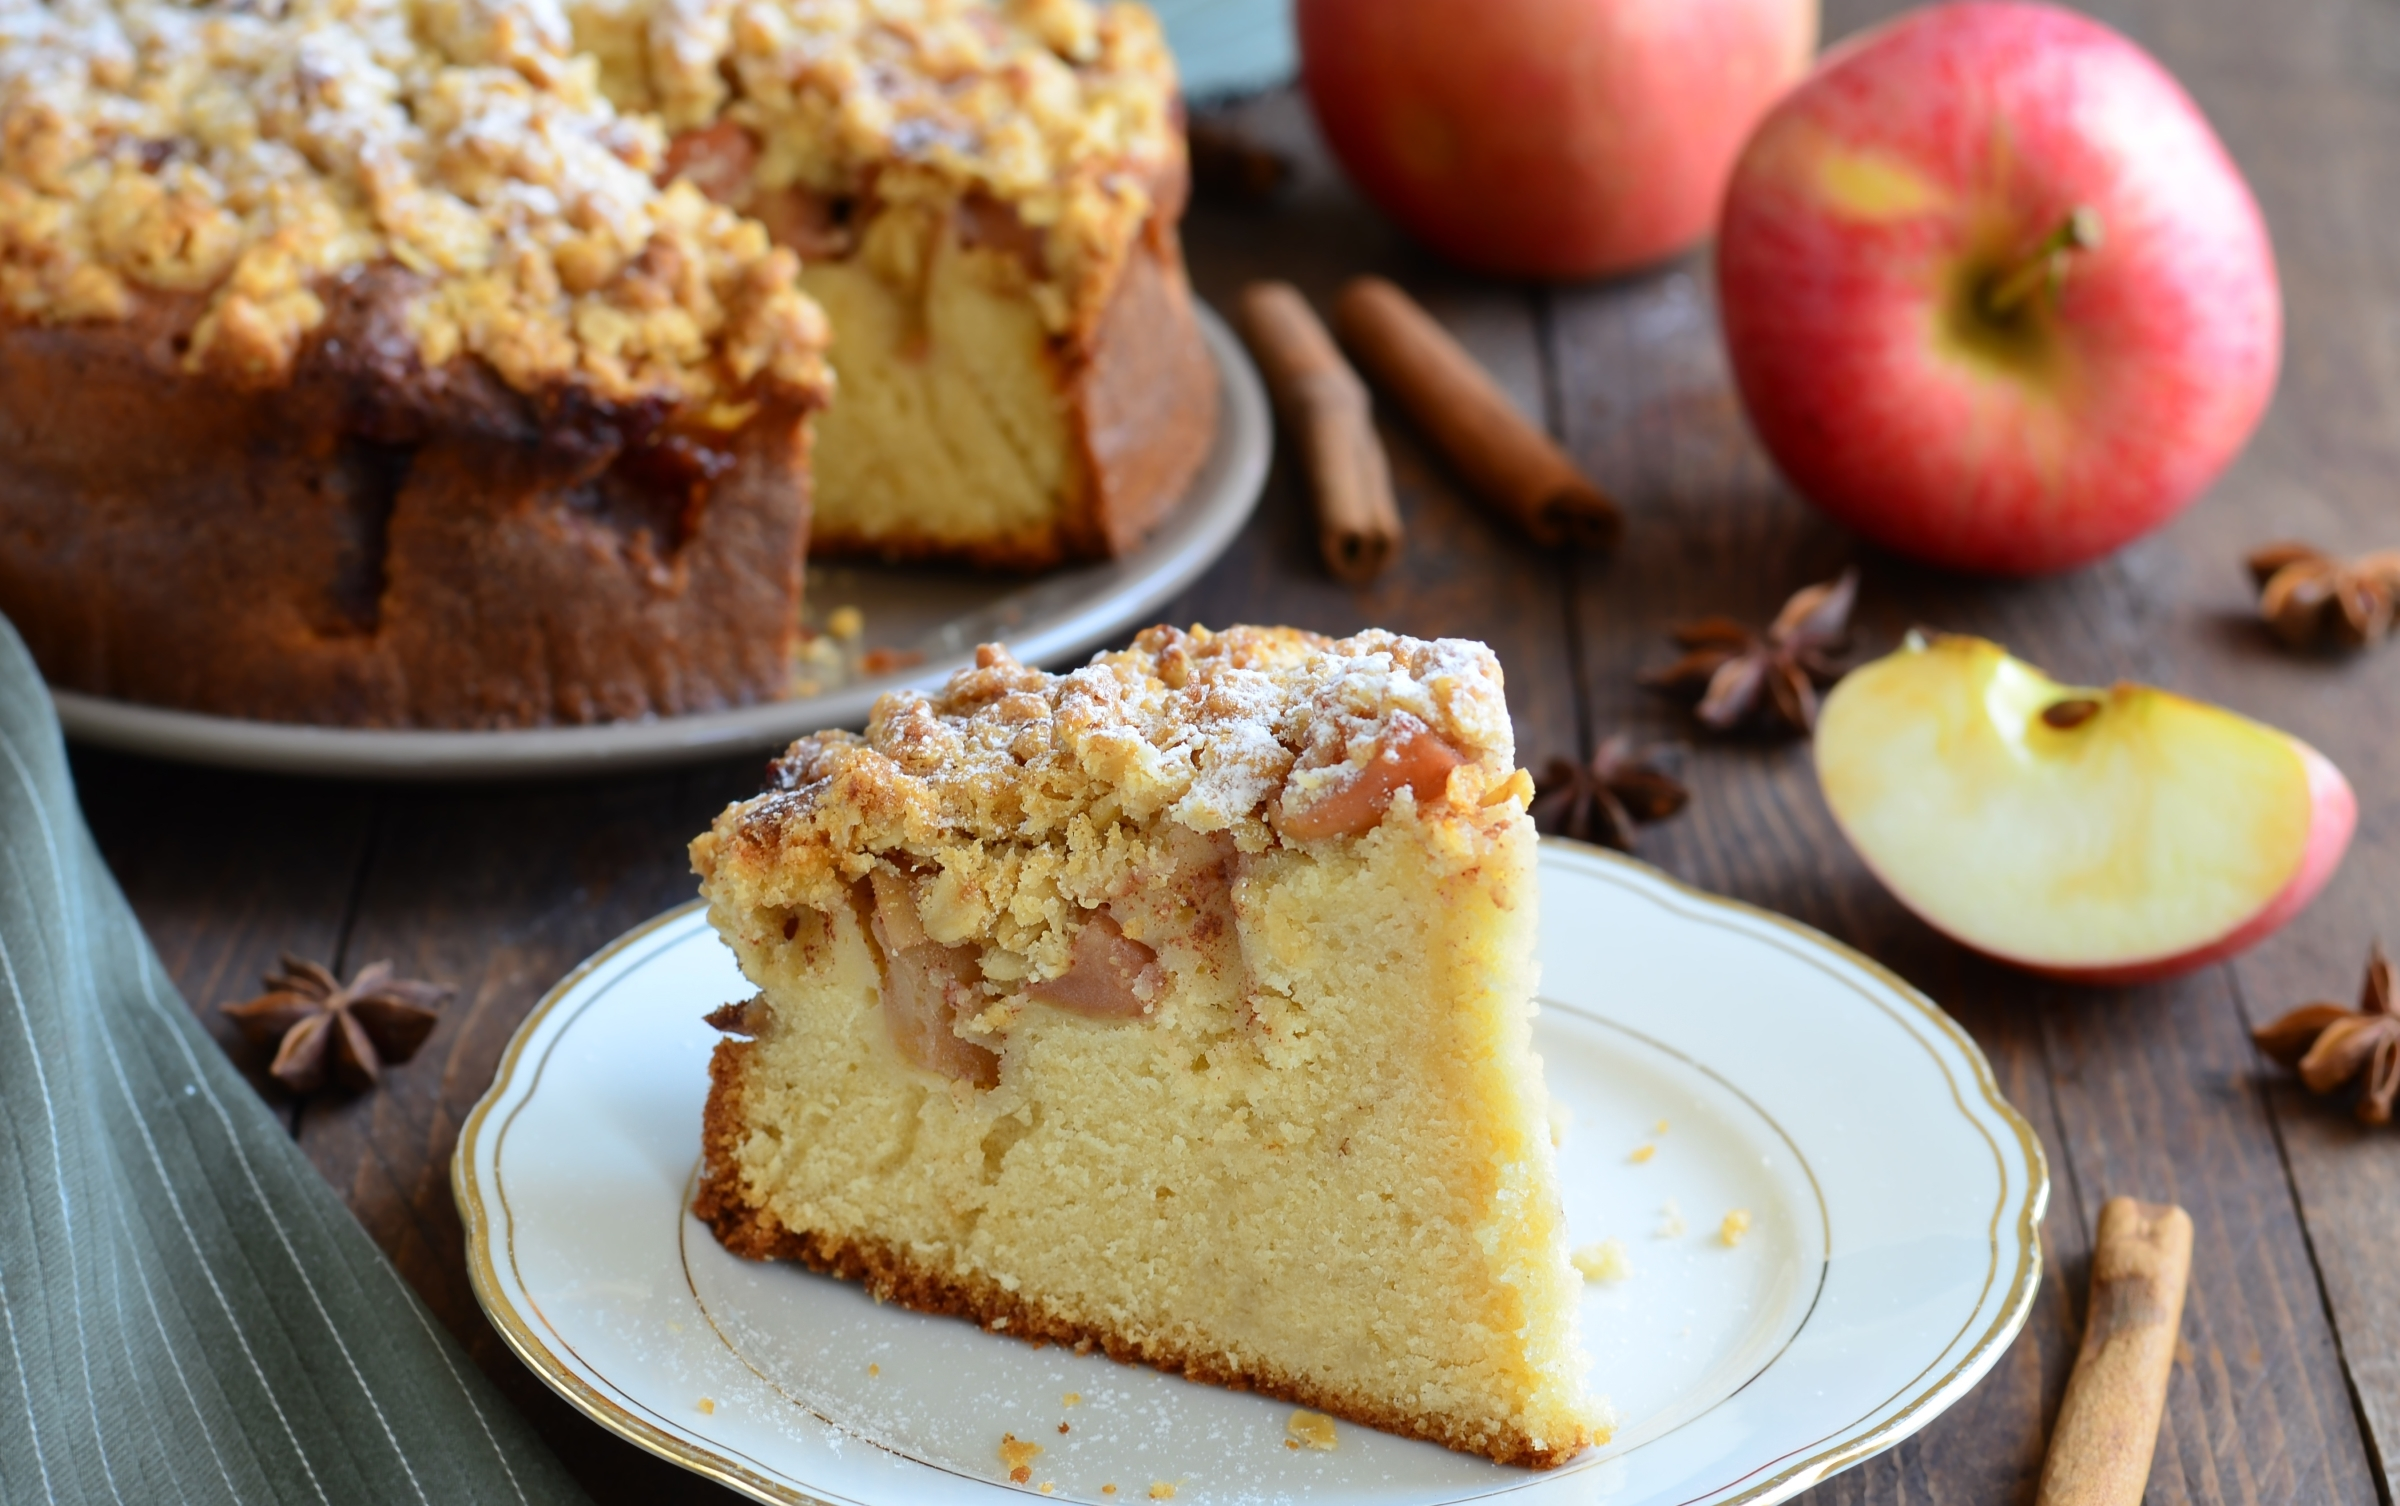 ночи сочный яблочный пирог рецепт с фото фотообои отлично подойдут